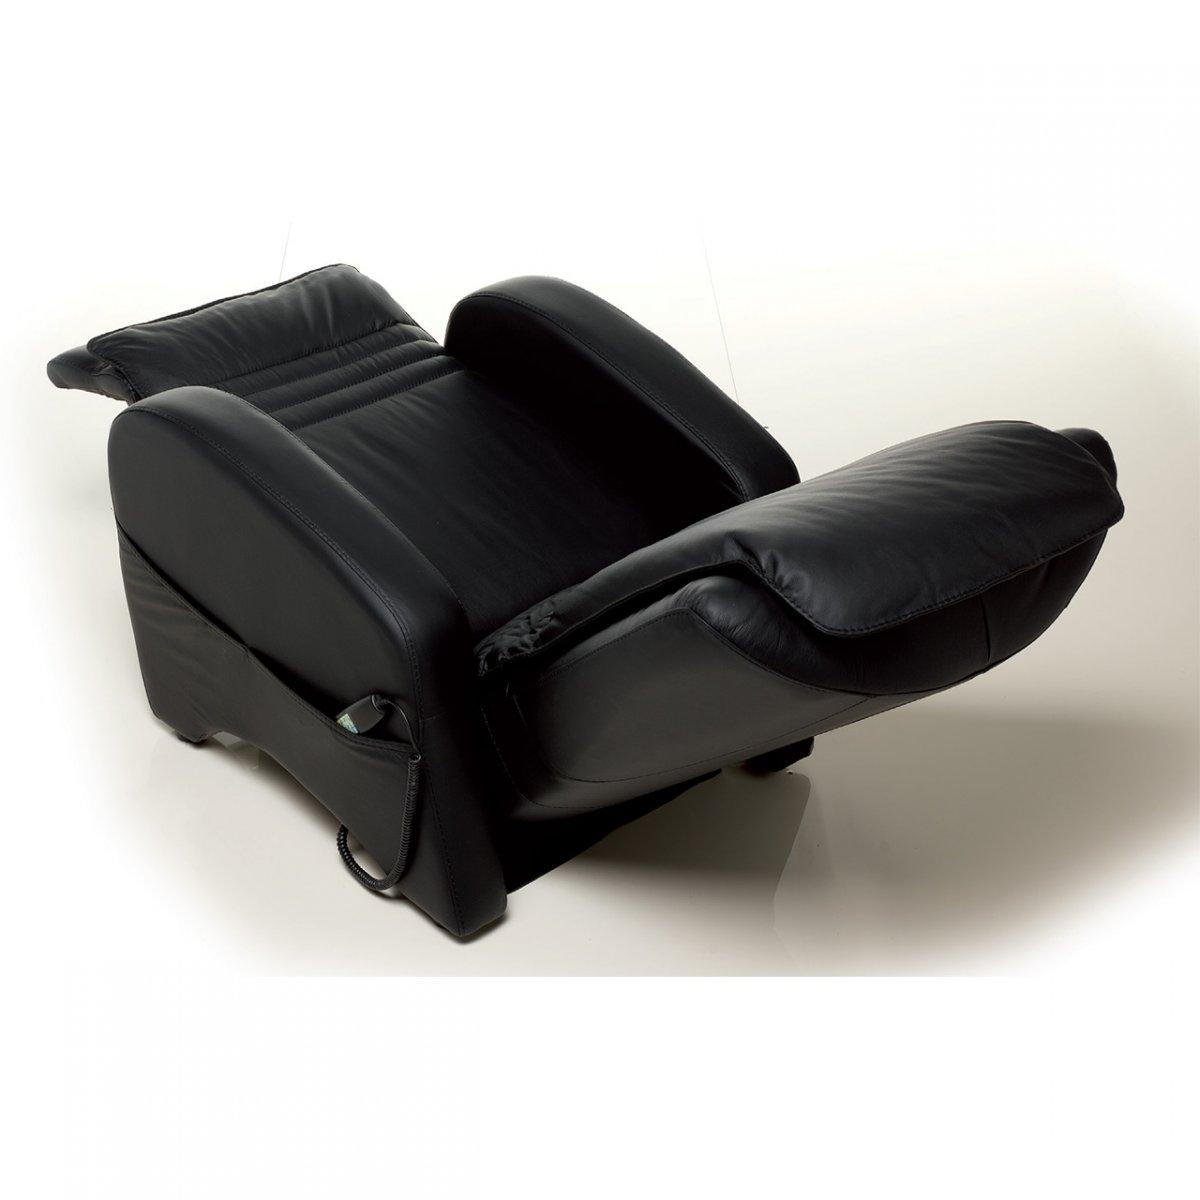 Poltrone Relax In Pelle.Vitarelax Poltrona Relax Lift Romy Pelle Lux E Massaggio Shiatsu